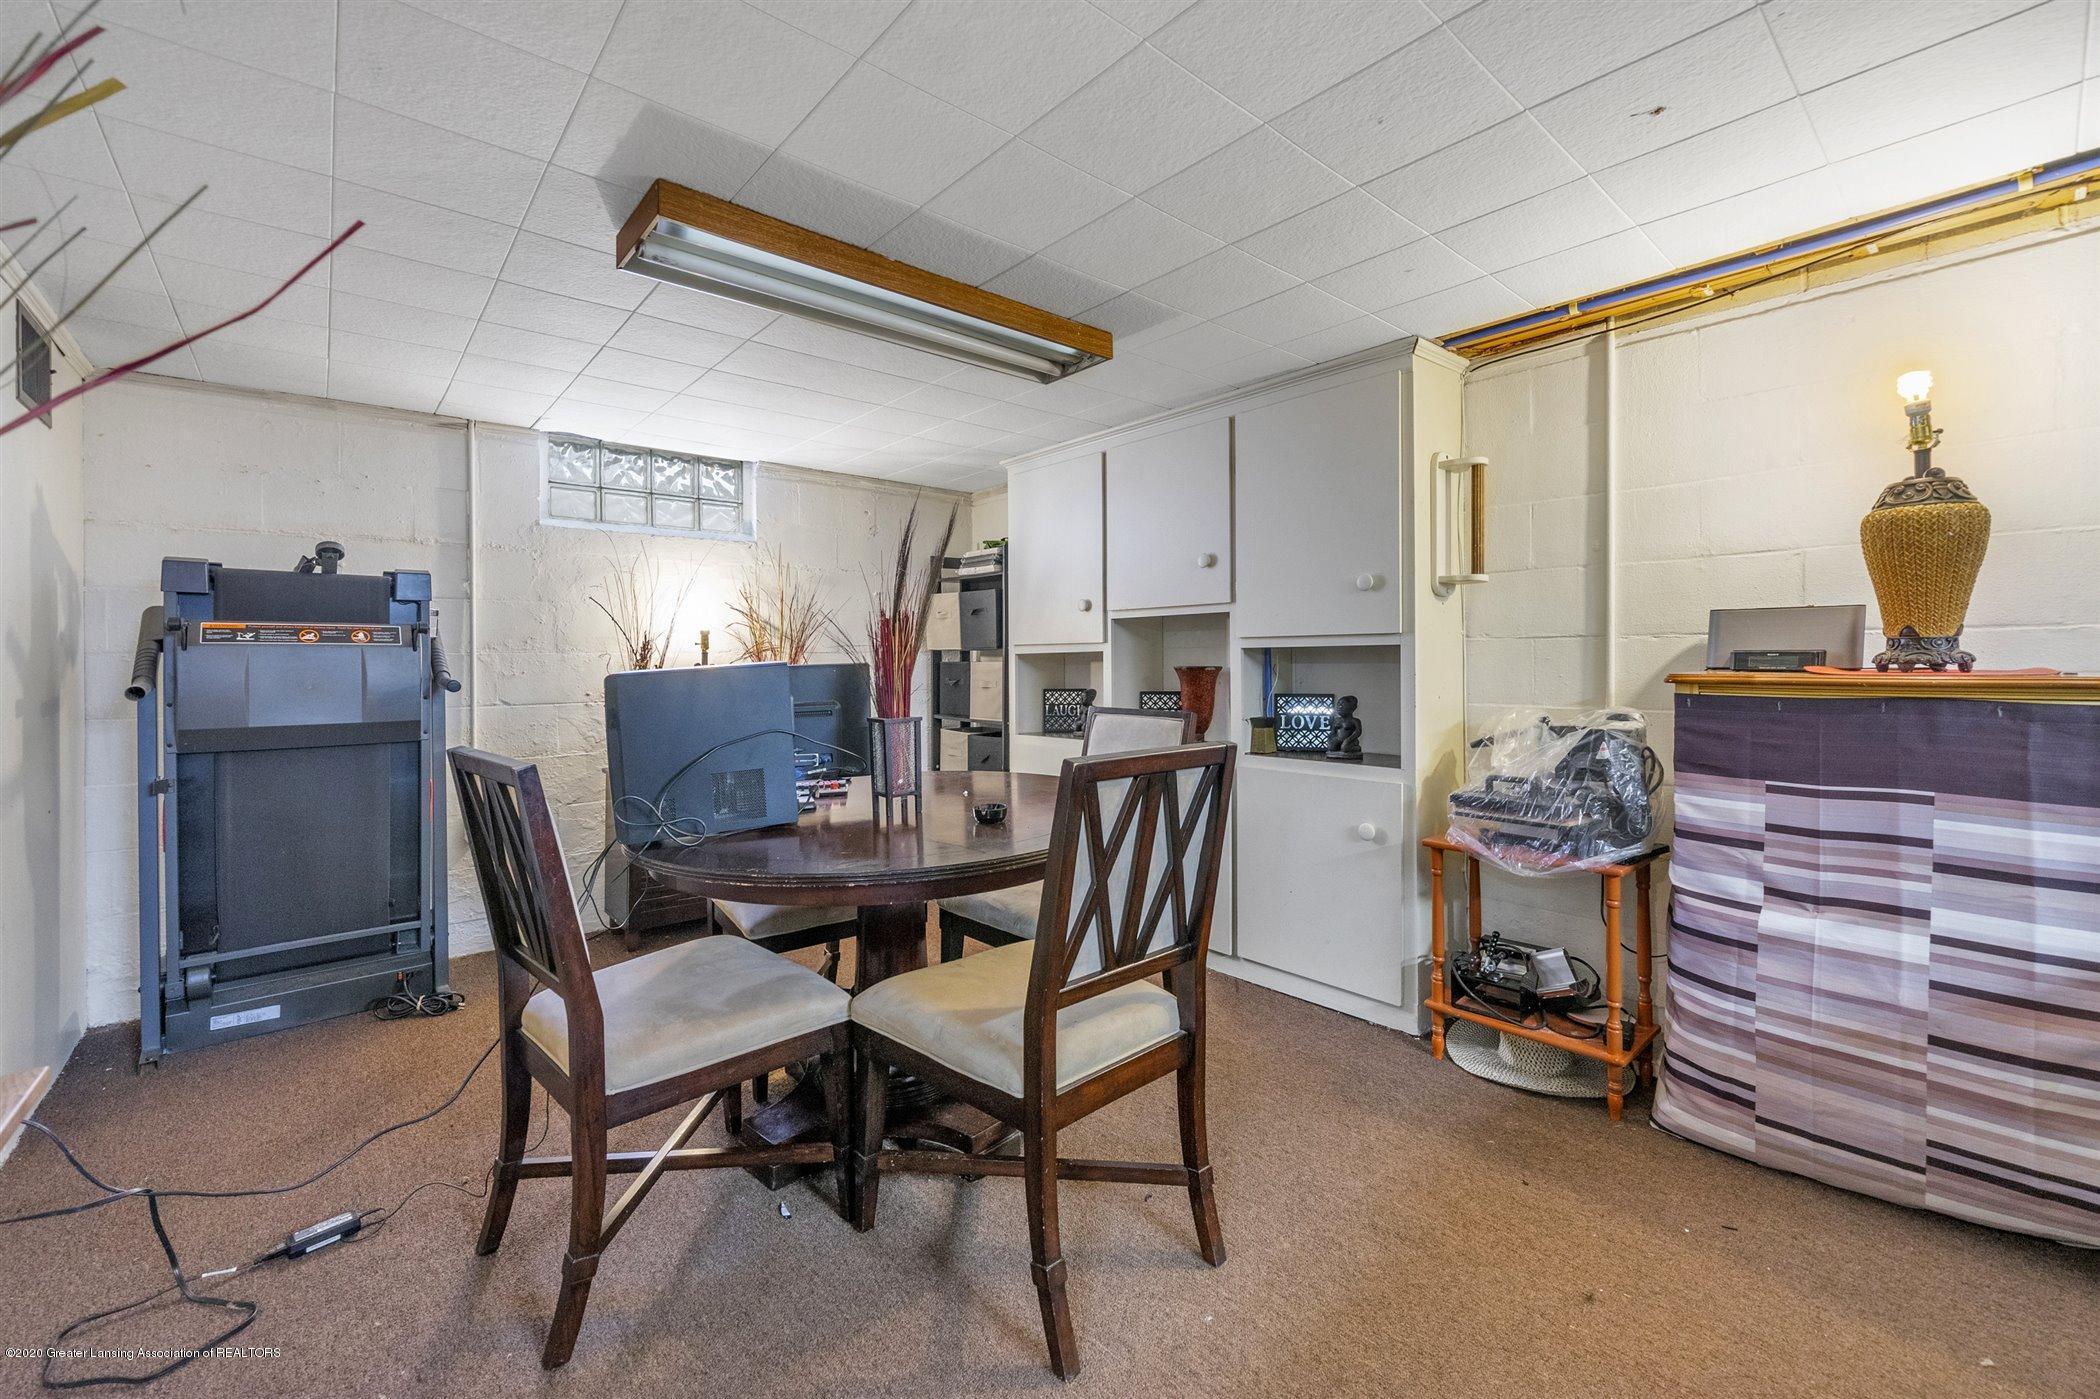 1209 Lenore Ave - 27-1209-Lenore-Ave-WindowStill-Real - 27